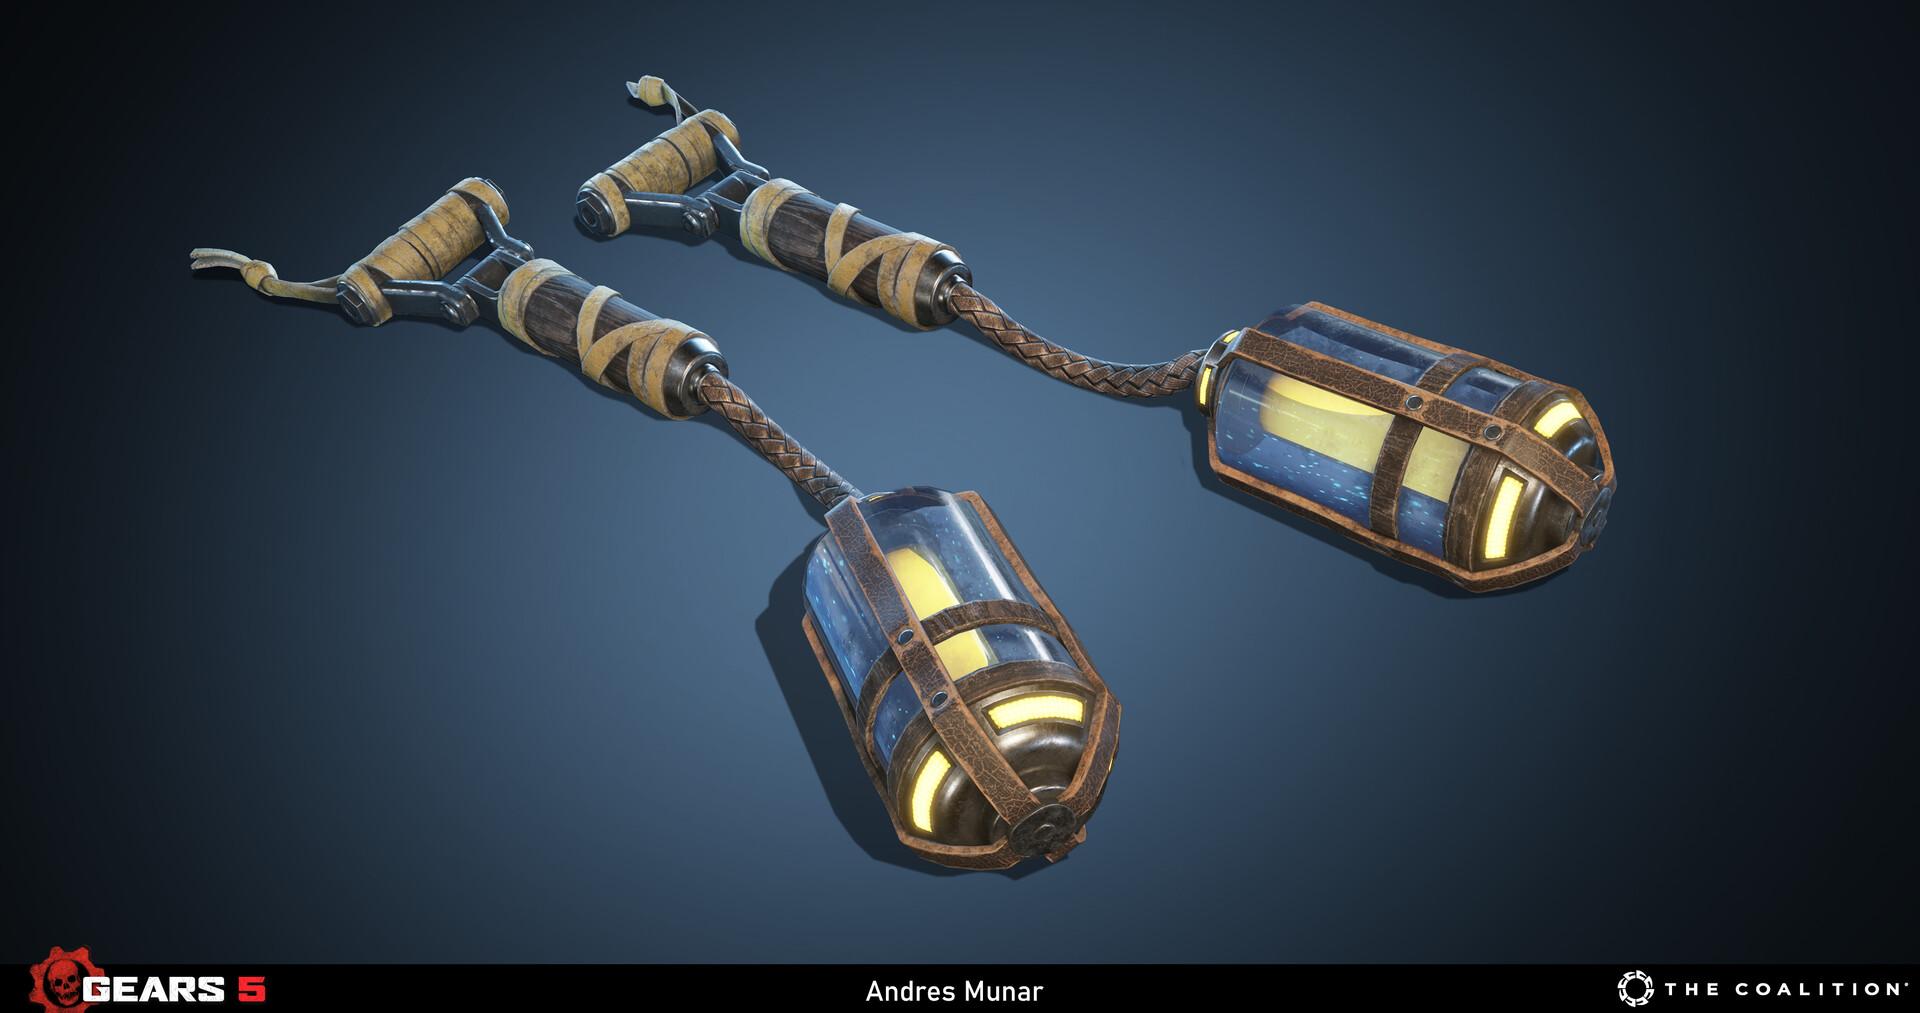 Andres munar gears5 014